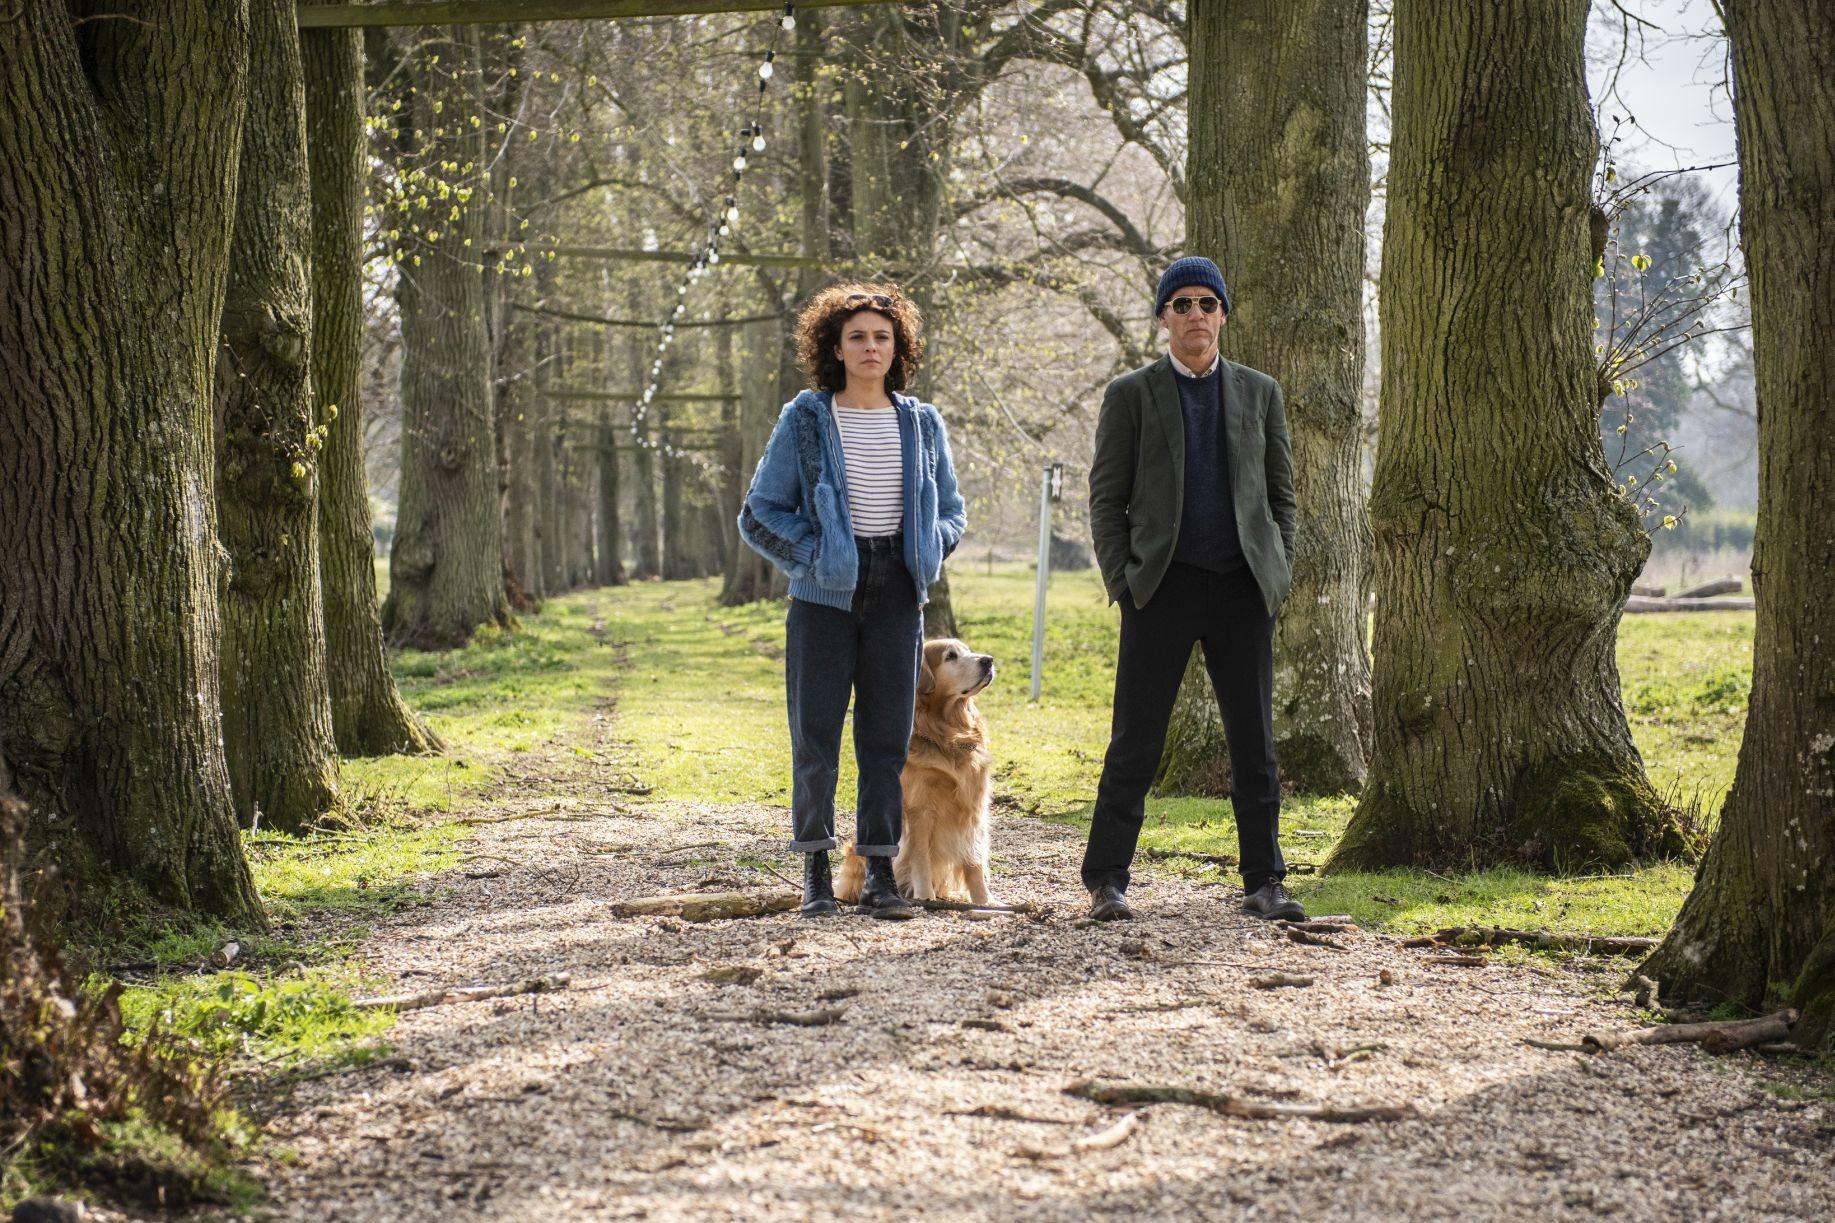 Guida romantica a posti perduti: Jasmine Trinca e Clive Owen in  una scena del film